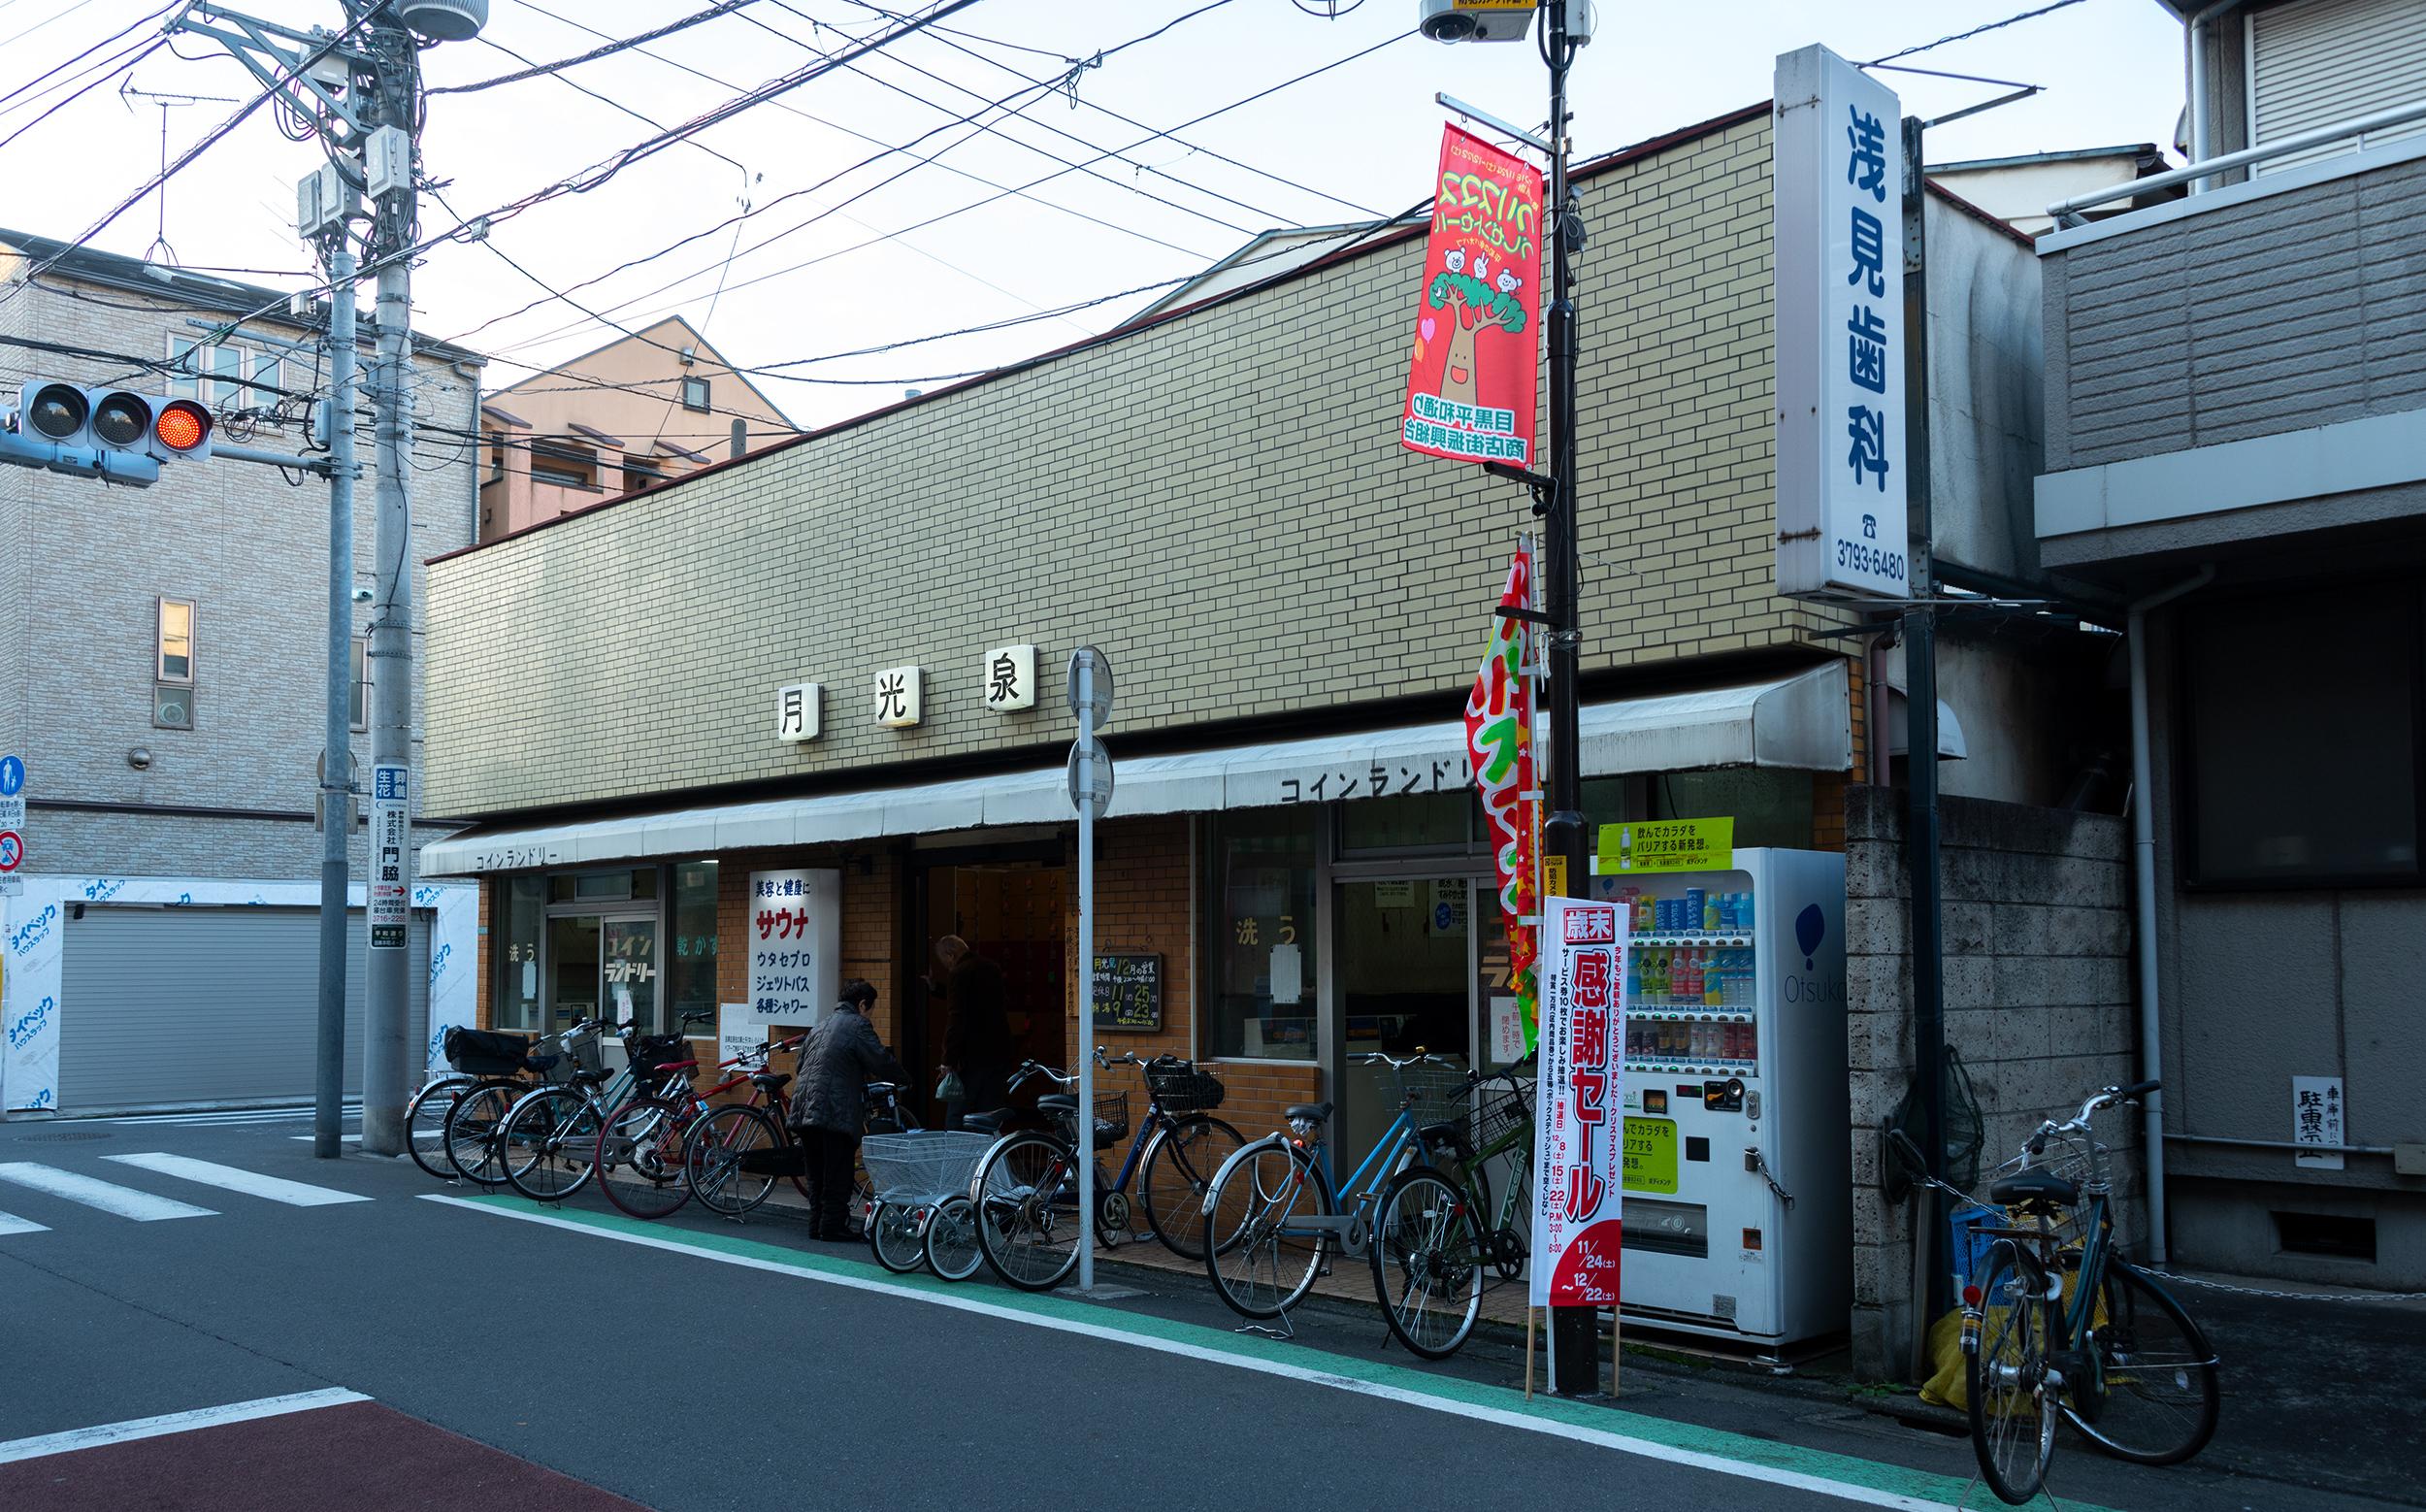 東京都目黒区目黒本町 平和通り商店街:月光泉